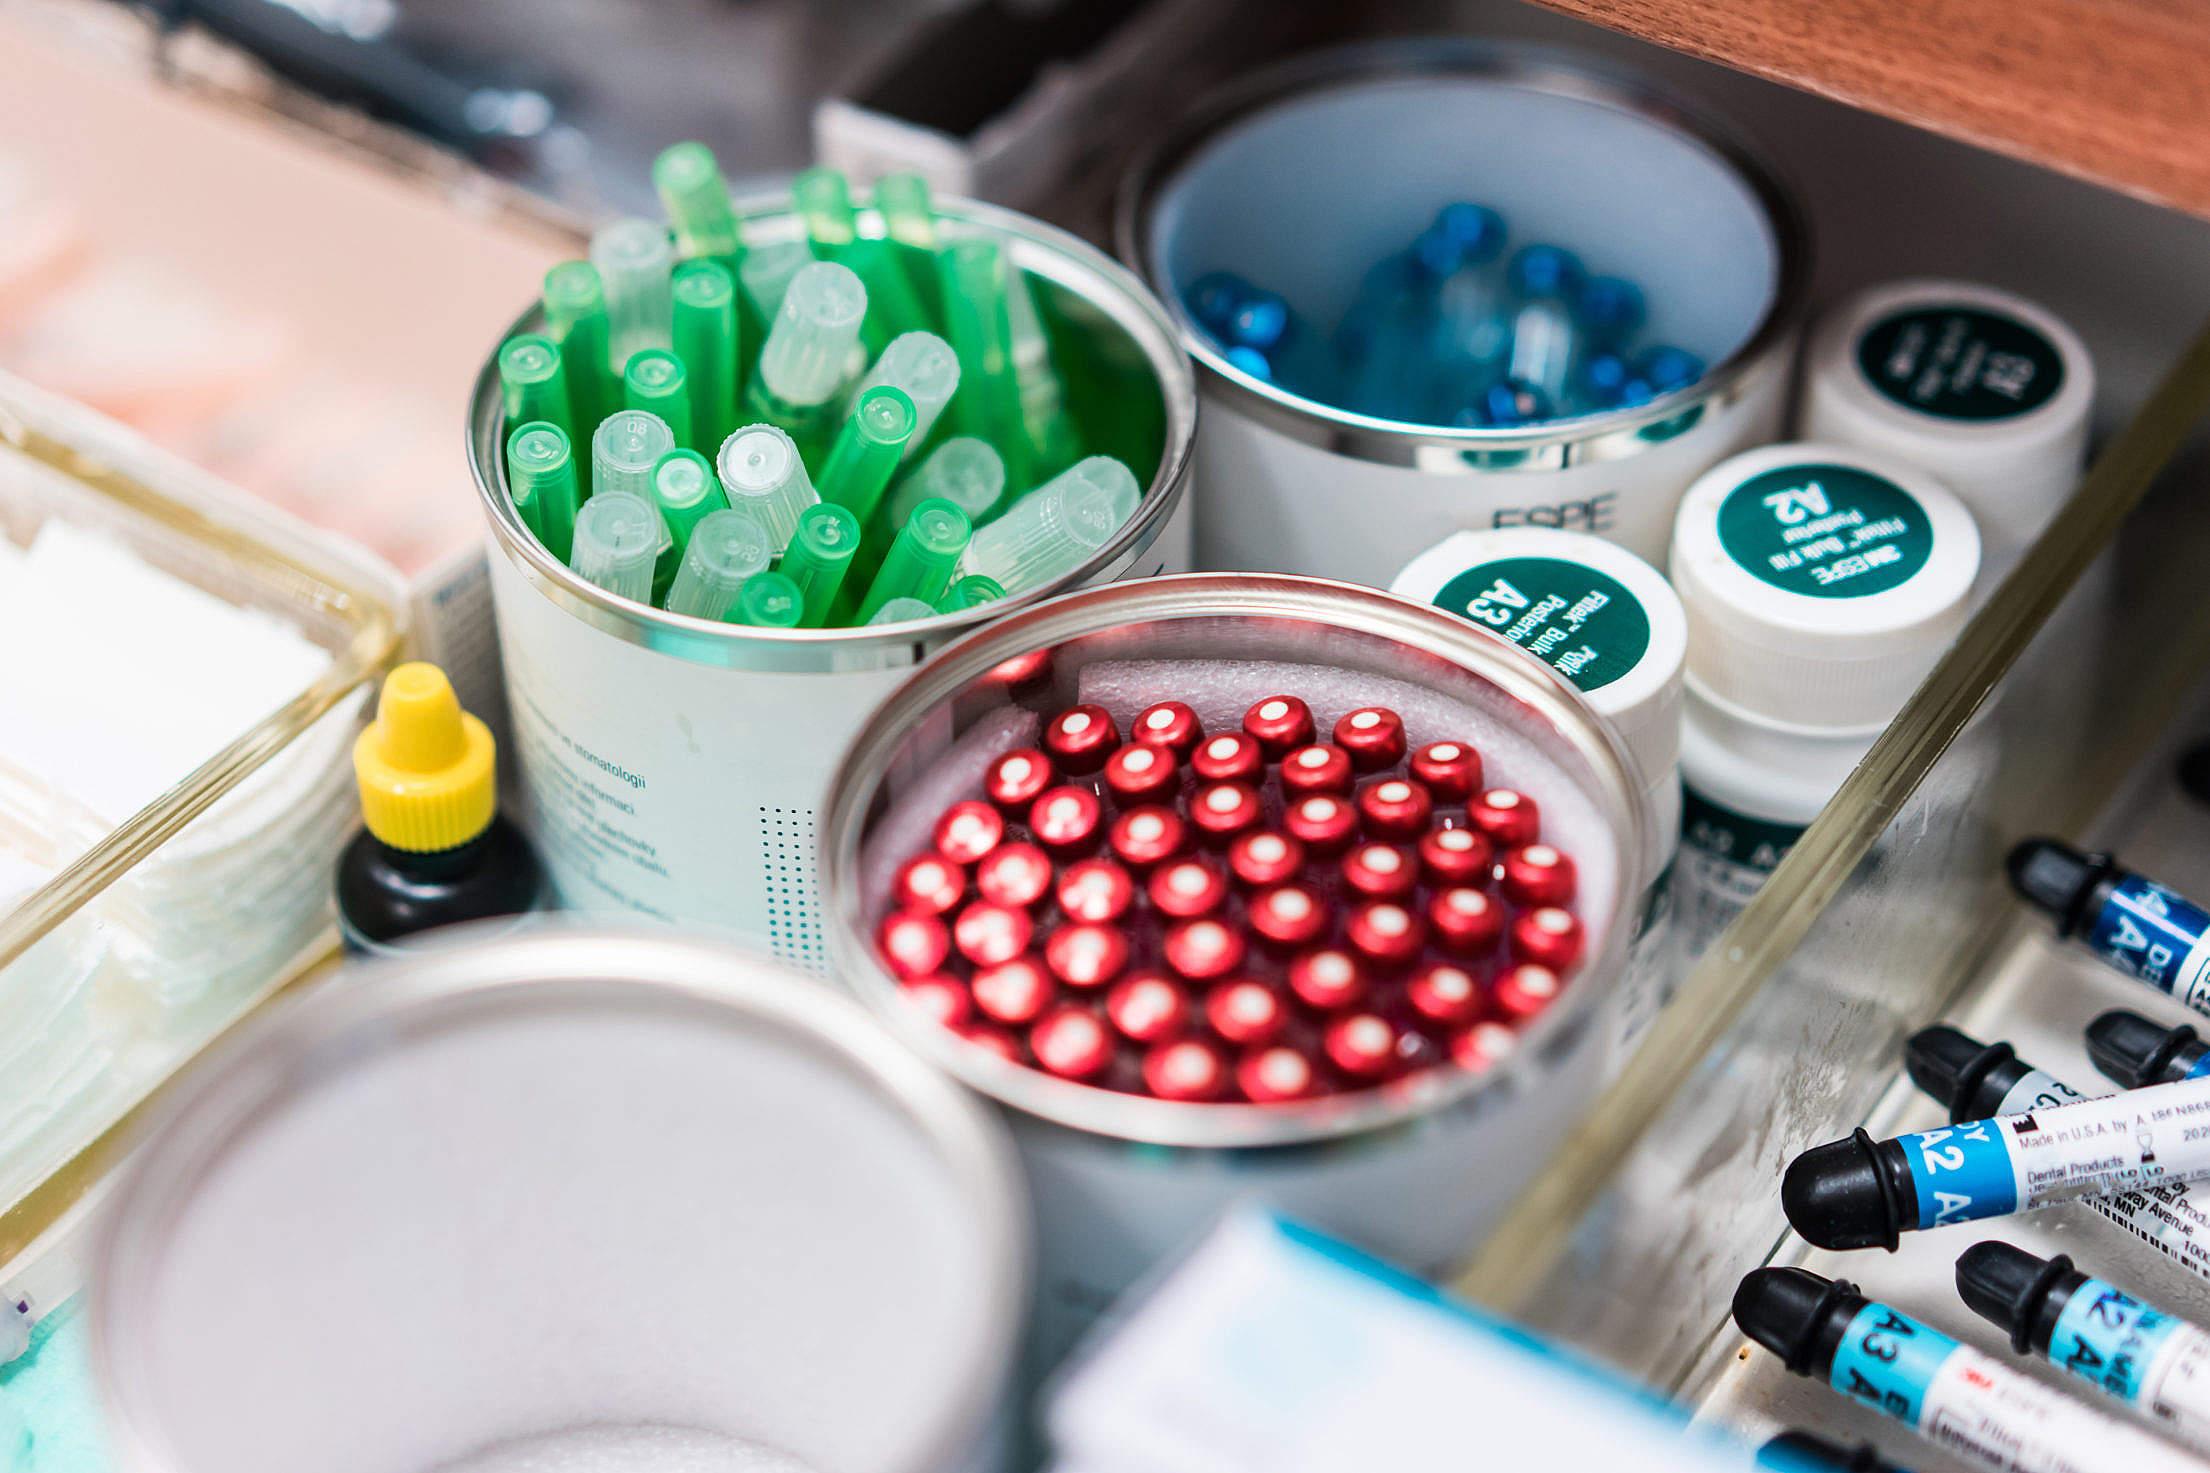 Cuidar do armazenamento de produtos odontológicos dentro da gestão de estoque é importante